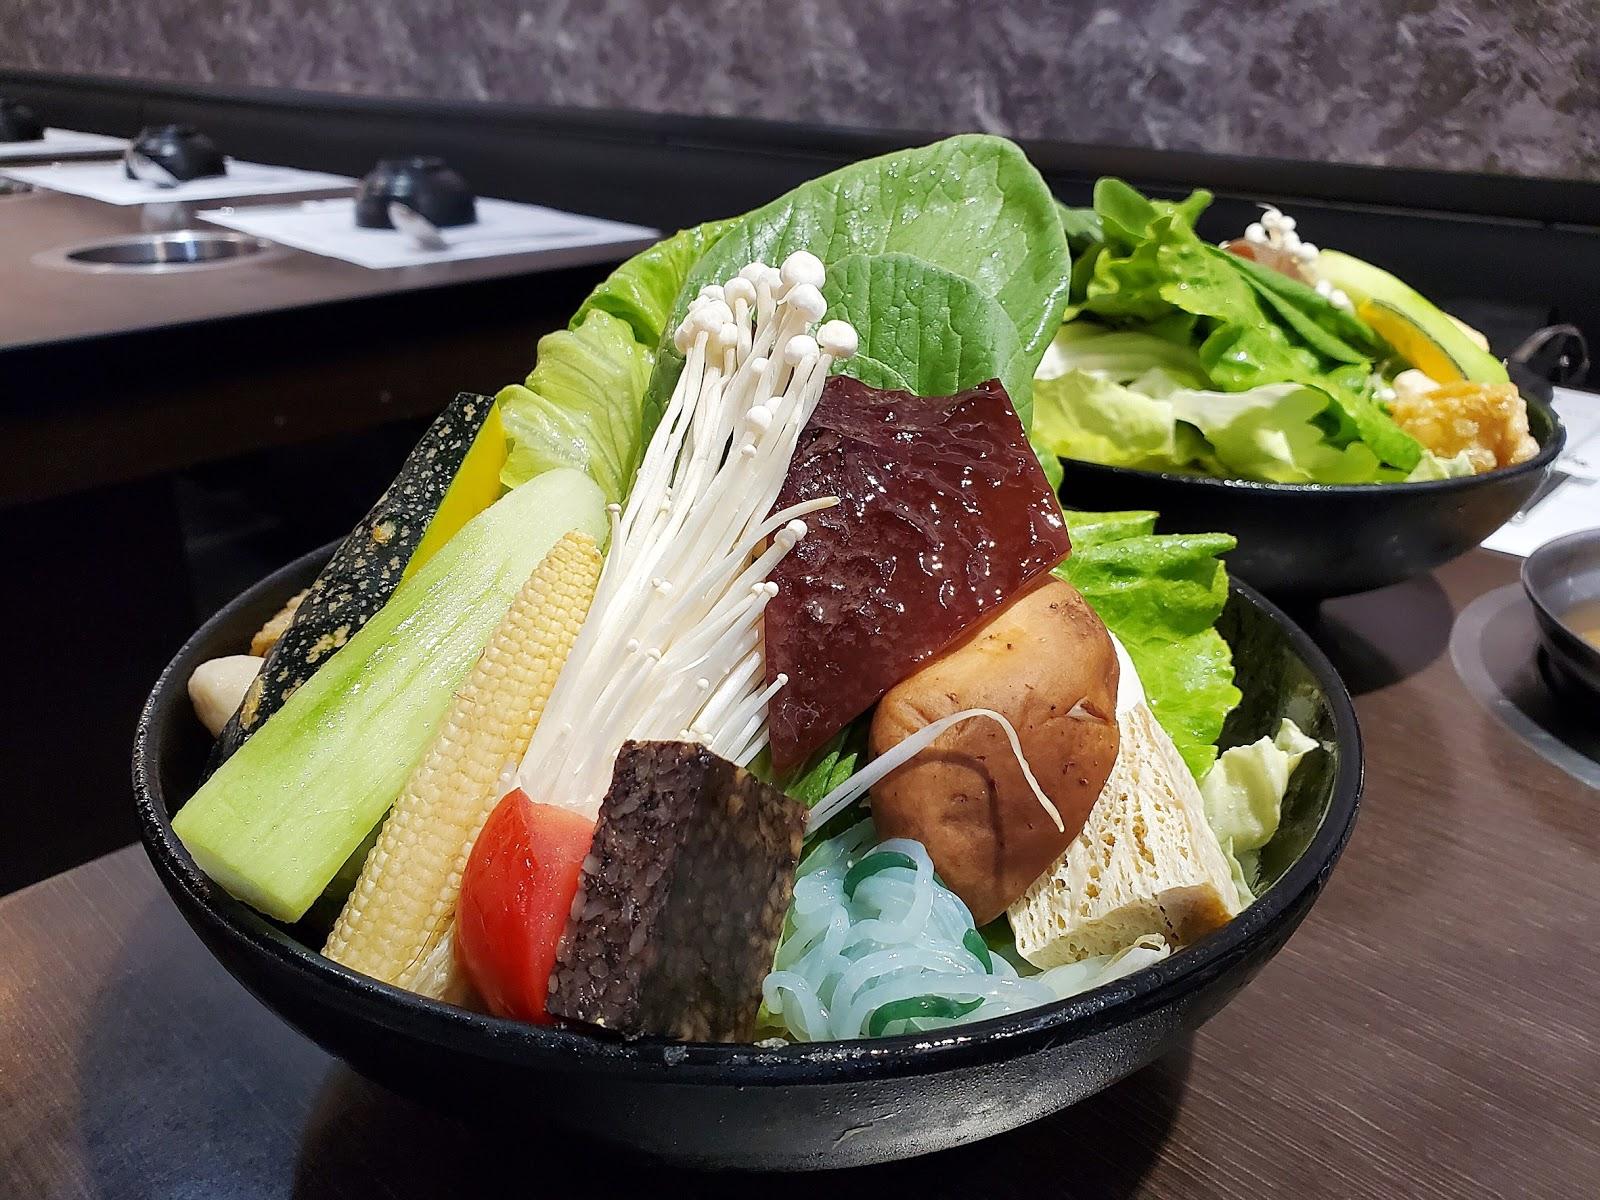 【捷運東湖站】東湖涮涮鍋 吃得到滿滿蔬菜,環境乾淨又舒適的美味火鍋 - 十八Team 八年級生 の吃喝玩樂日誌